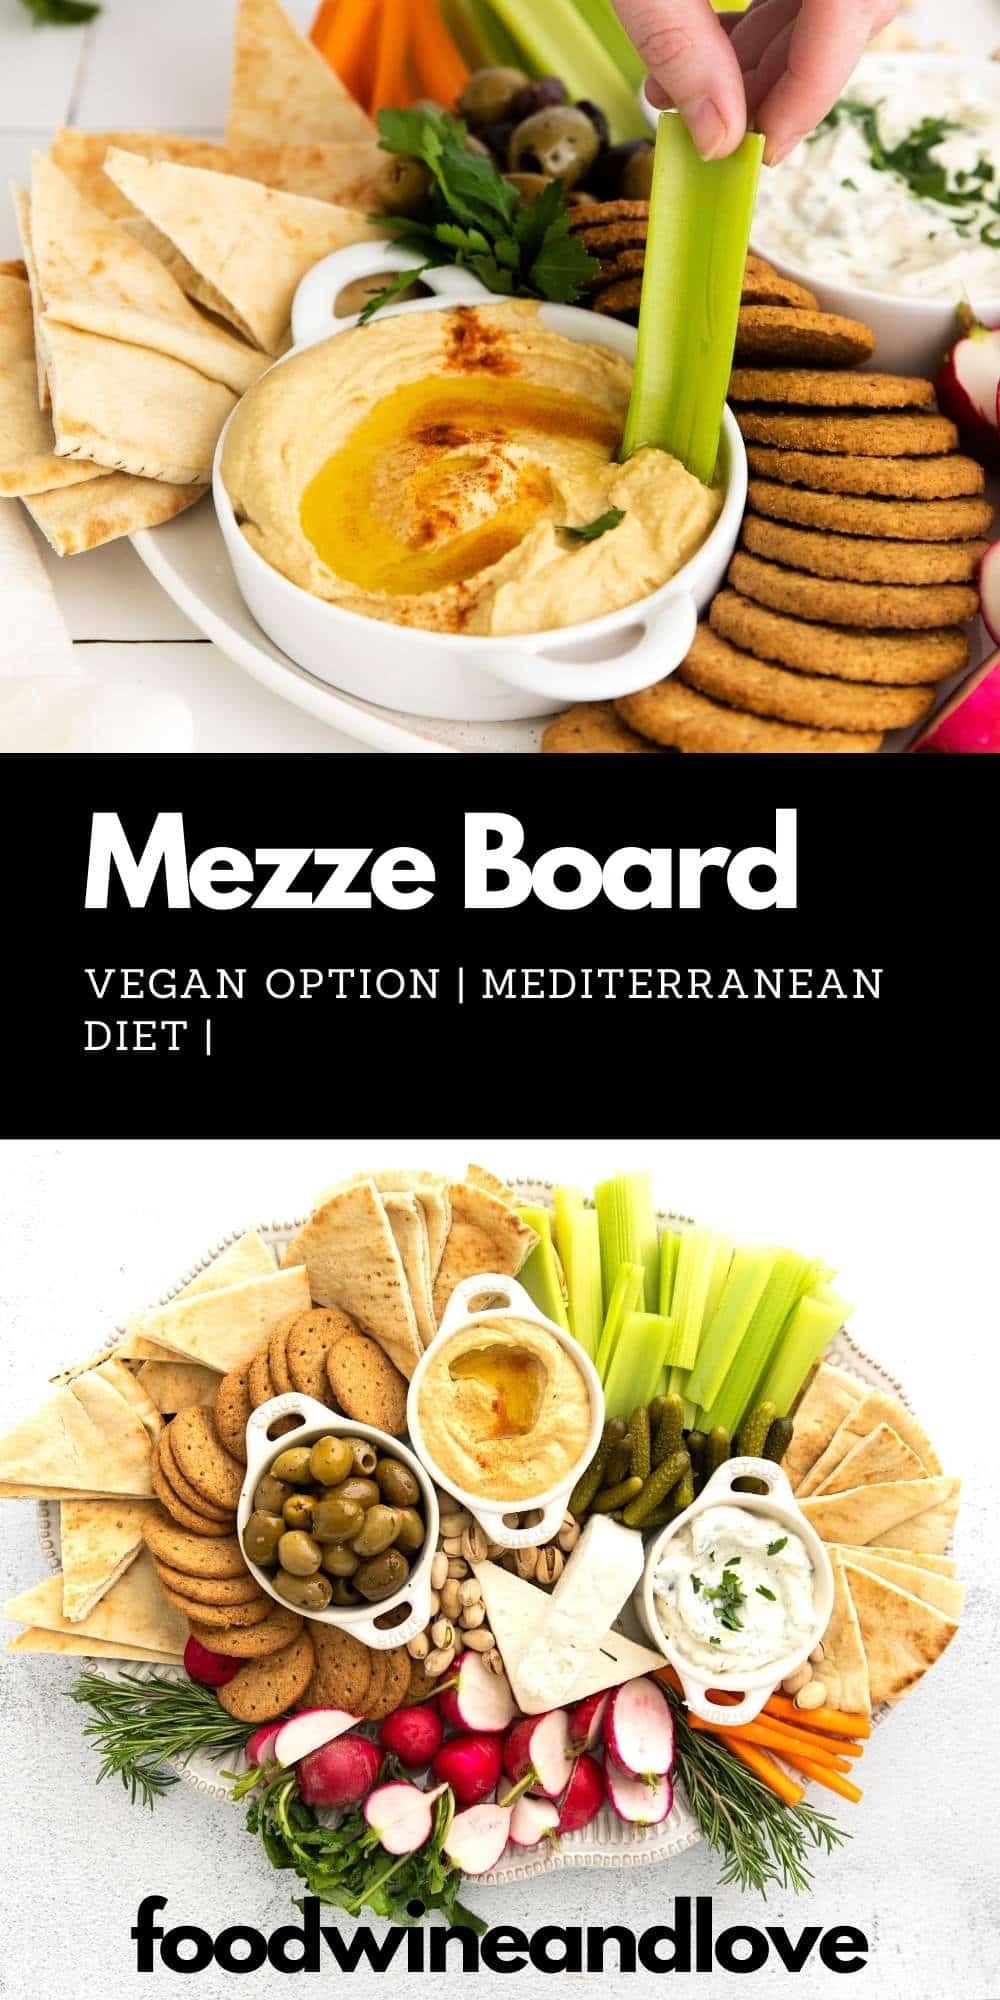 Mezze Board